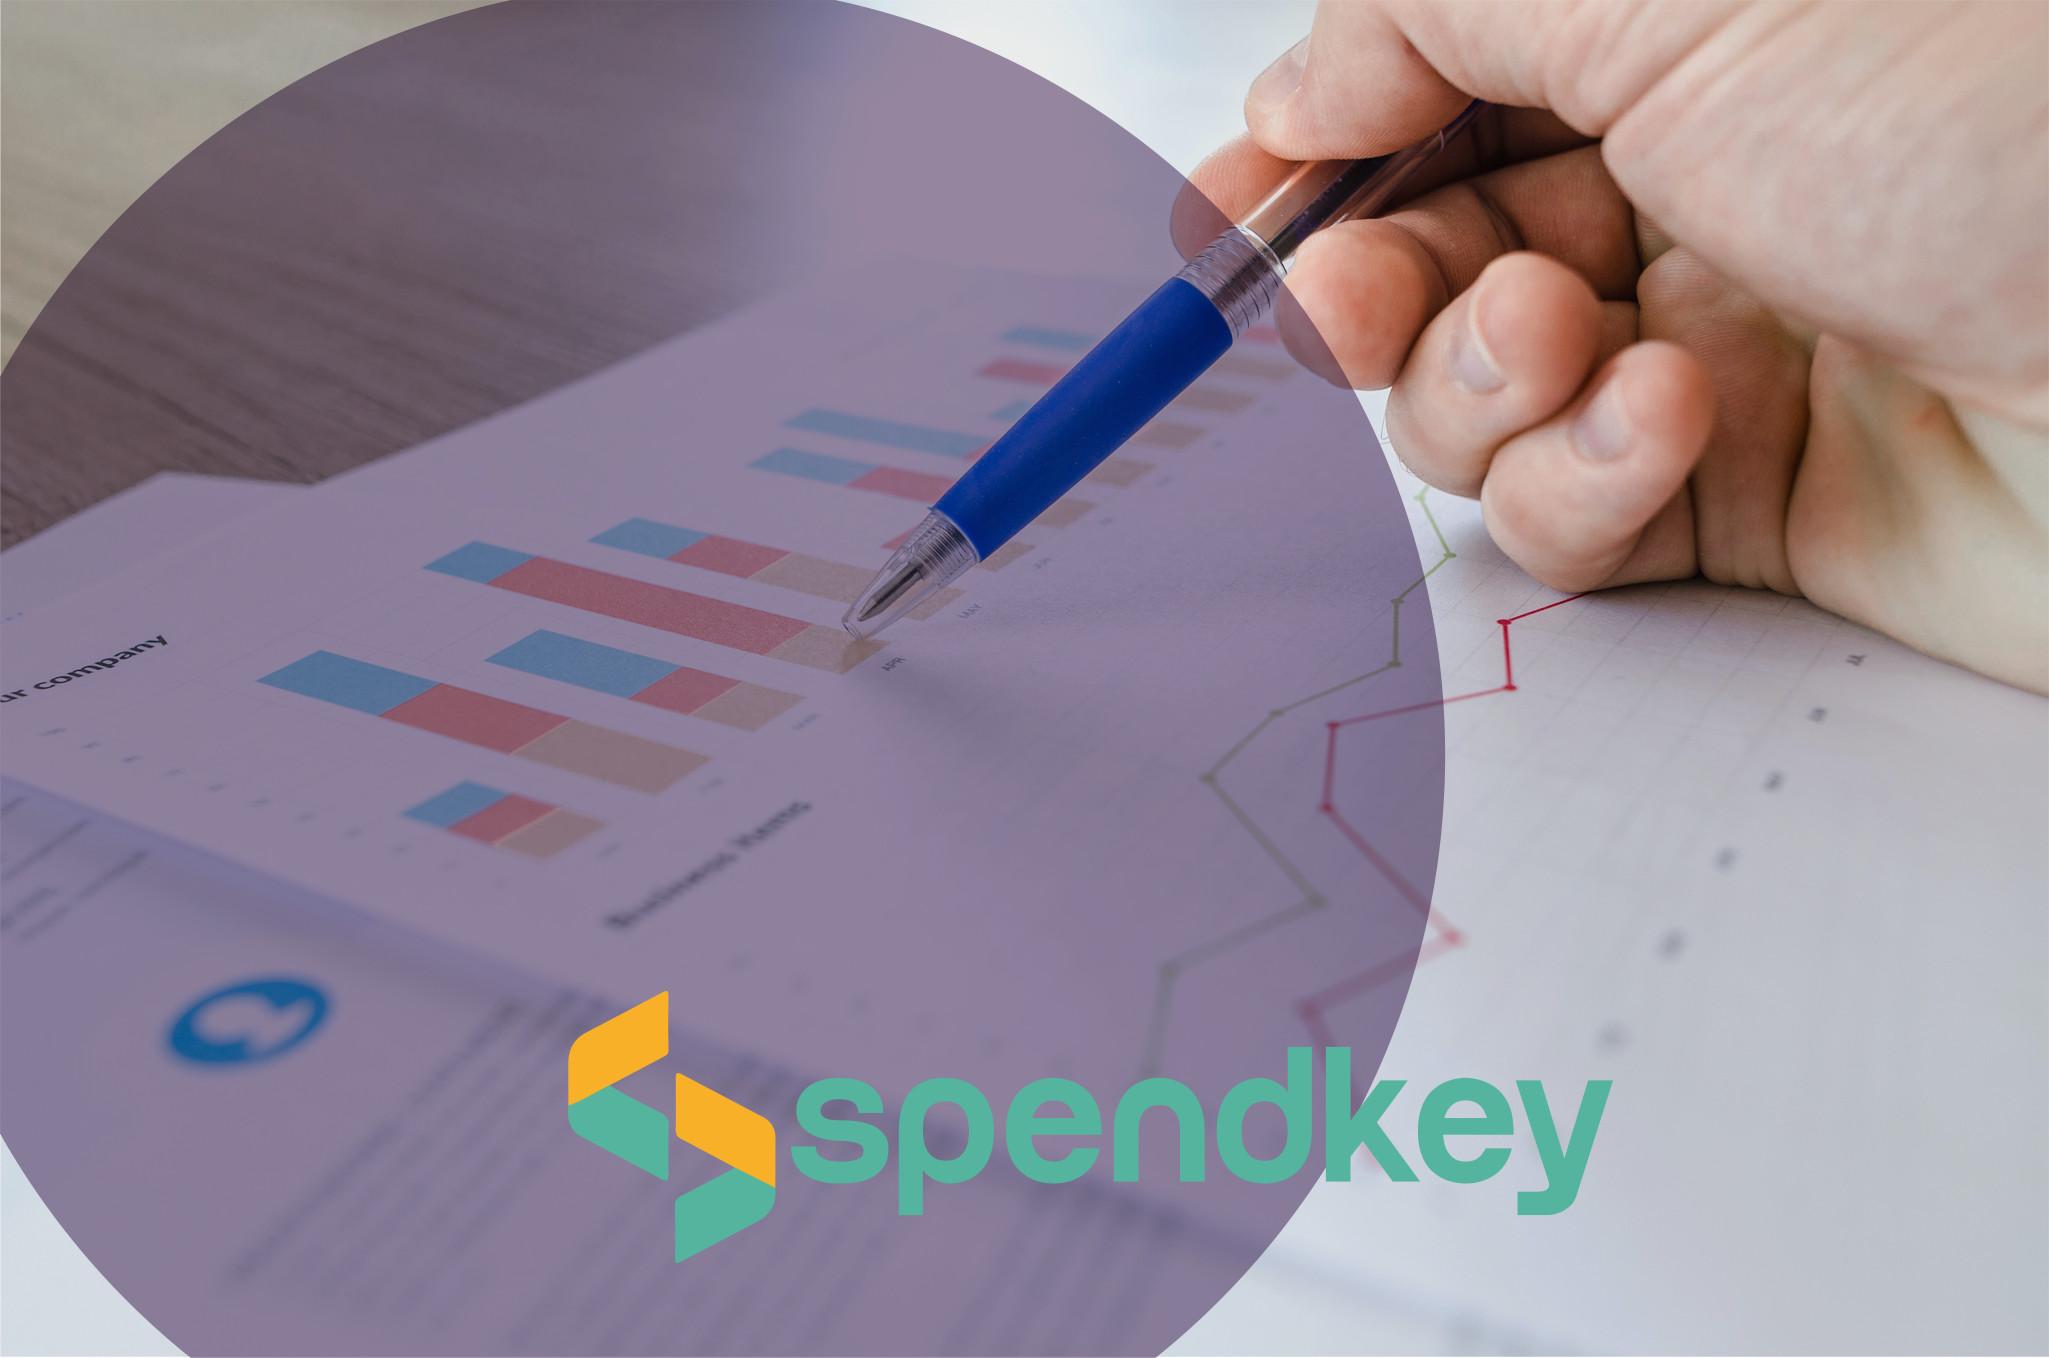 spendkey